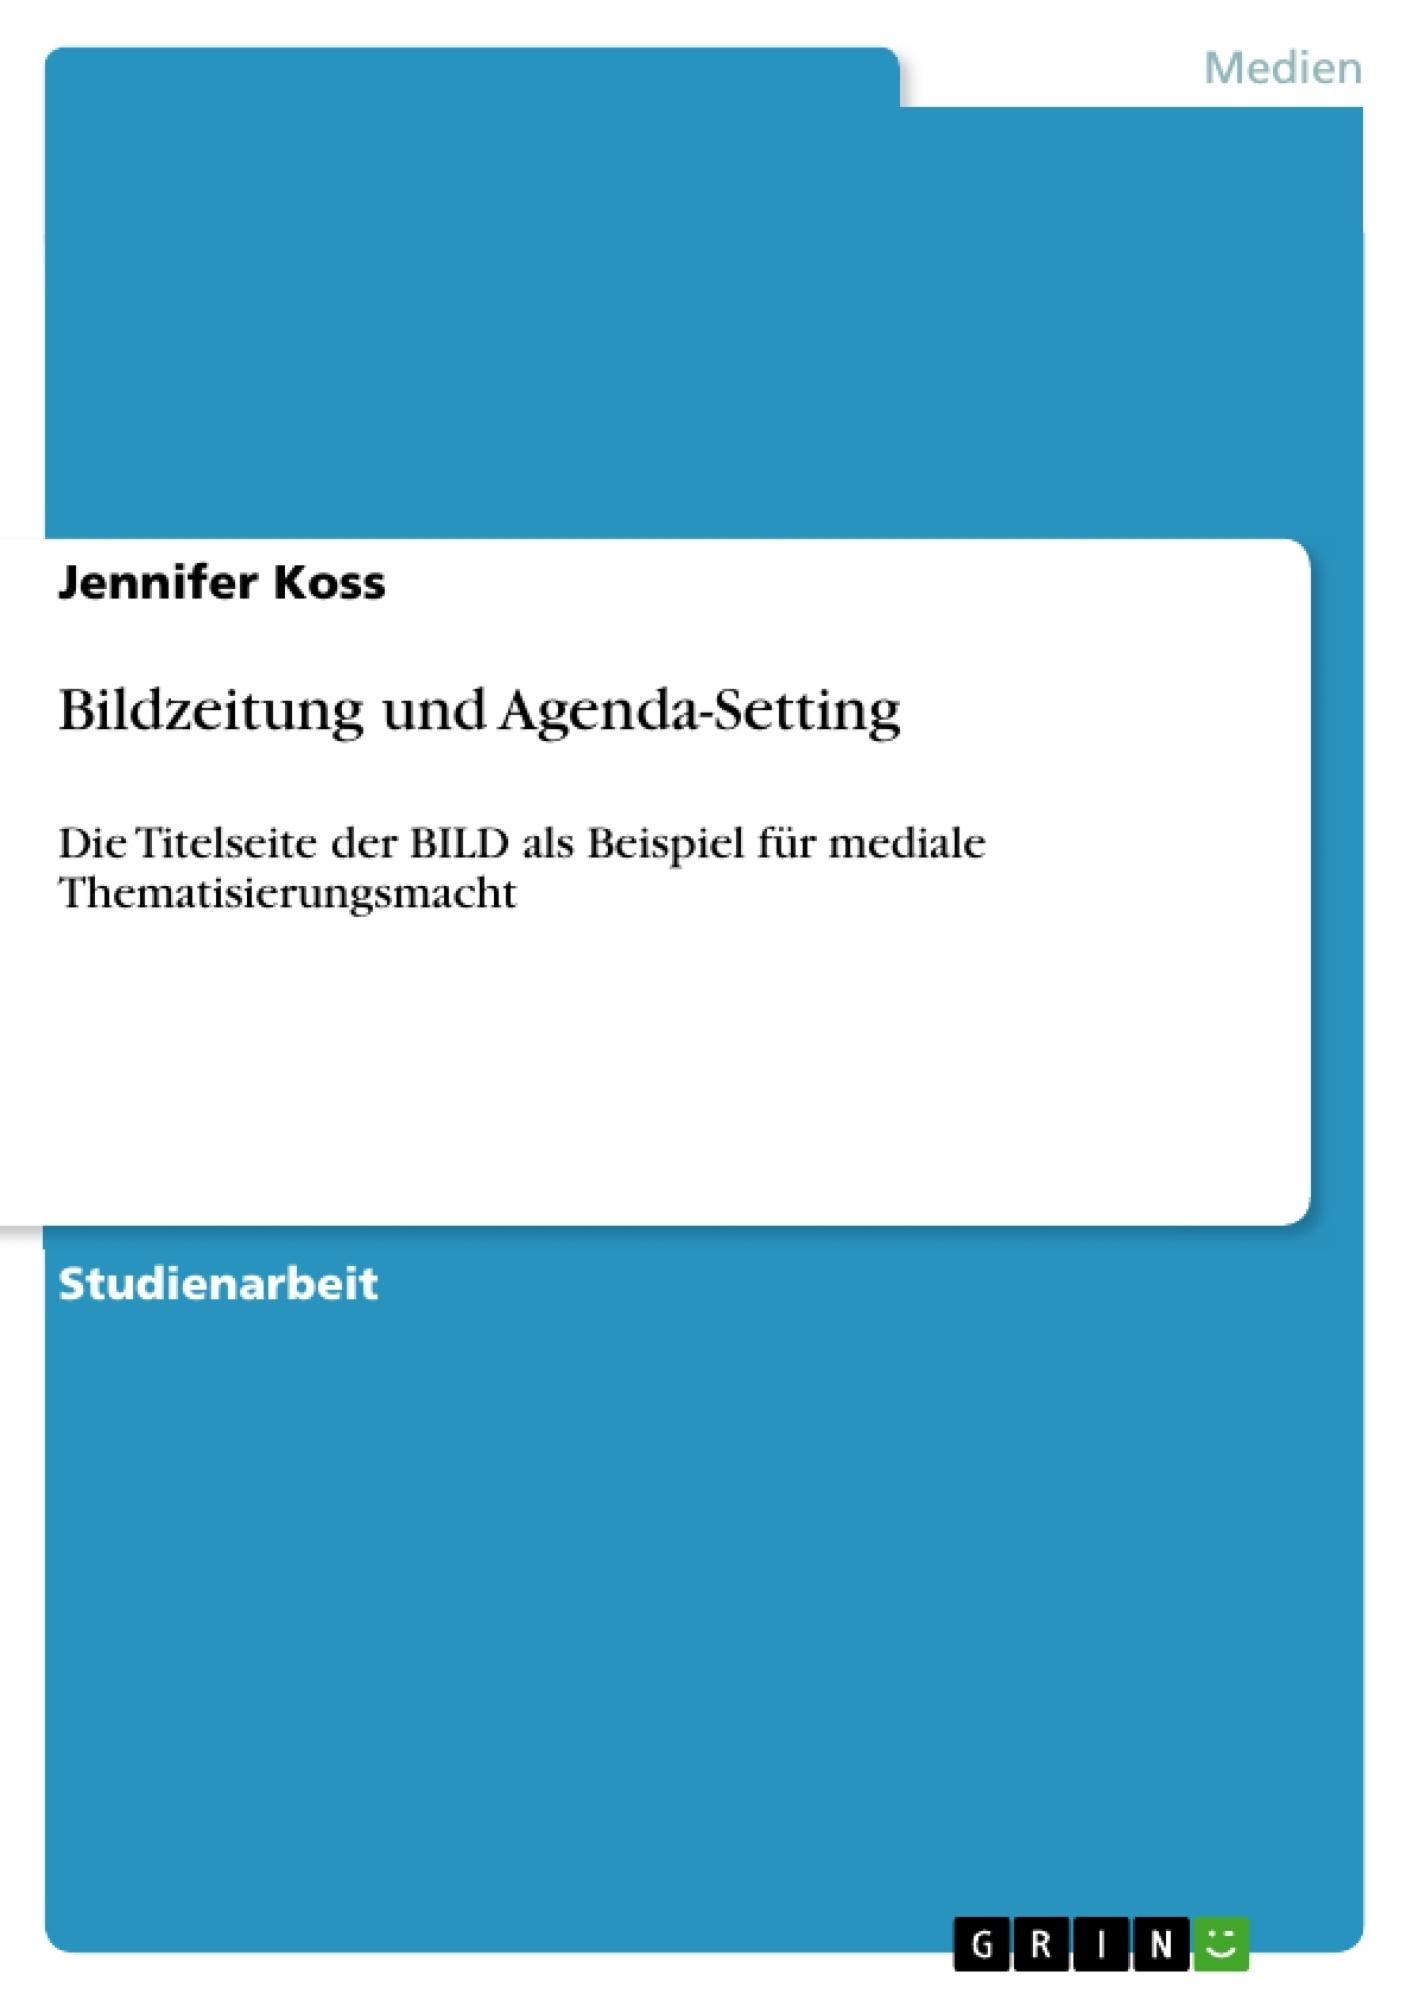 Titel: Bildzeitung und Agenda-Setting